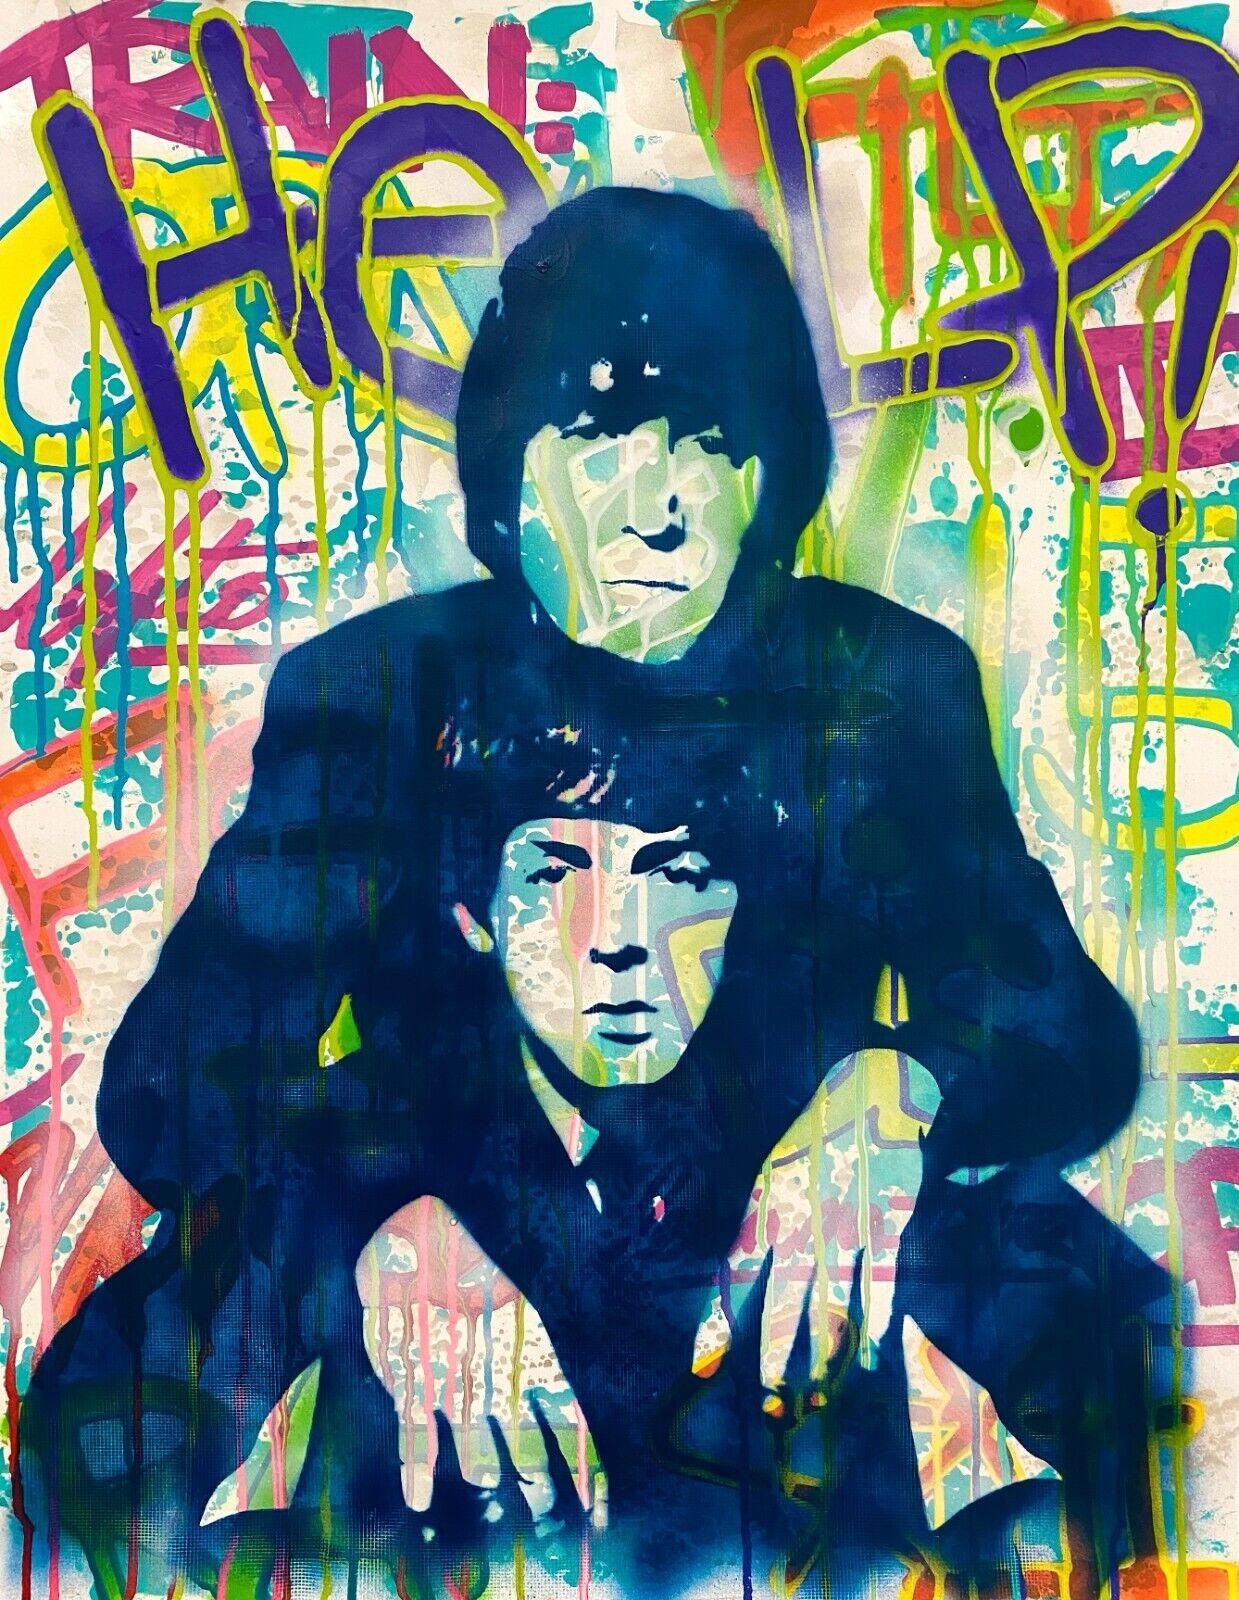 Dean Russo Art Original Artwork The Beatles Paul McCartney John Lennon Music - $325.00